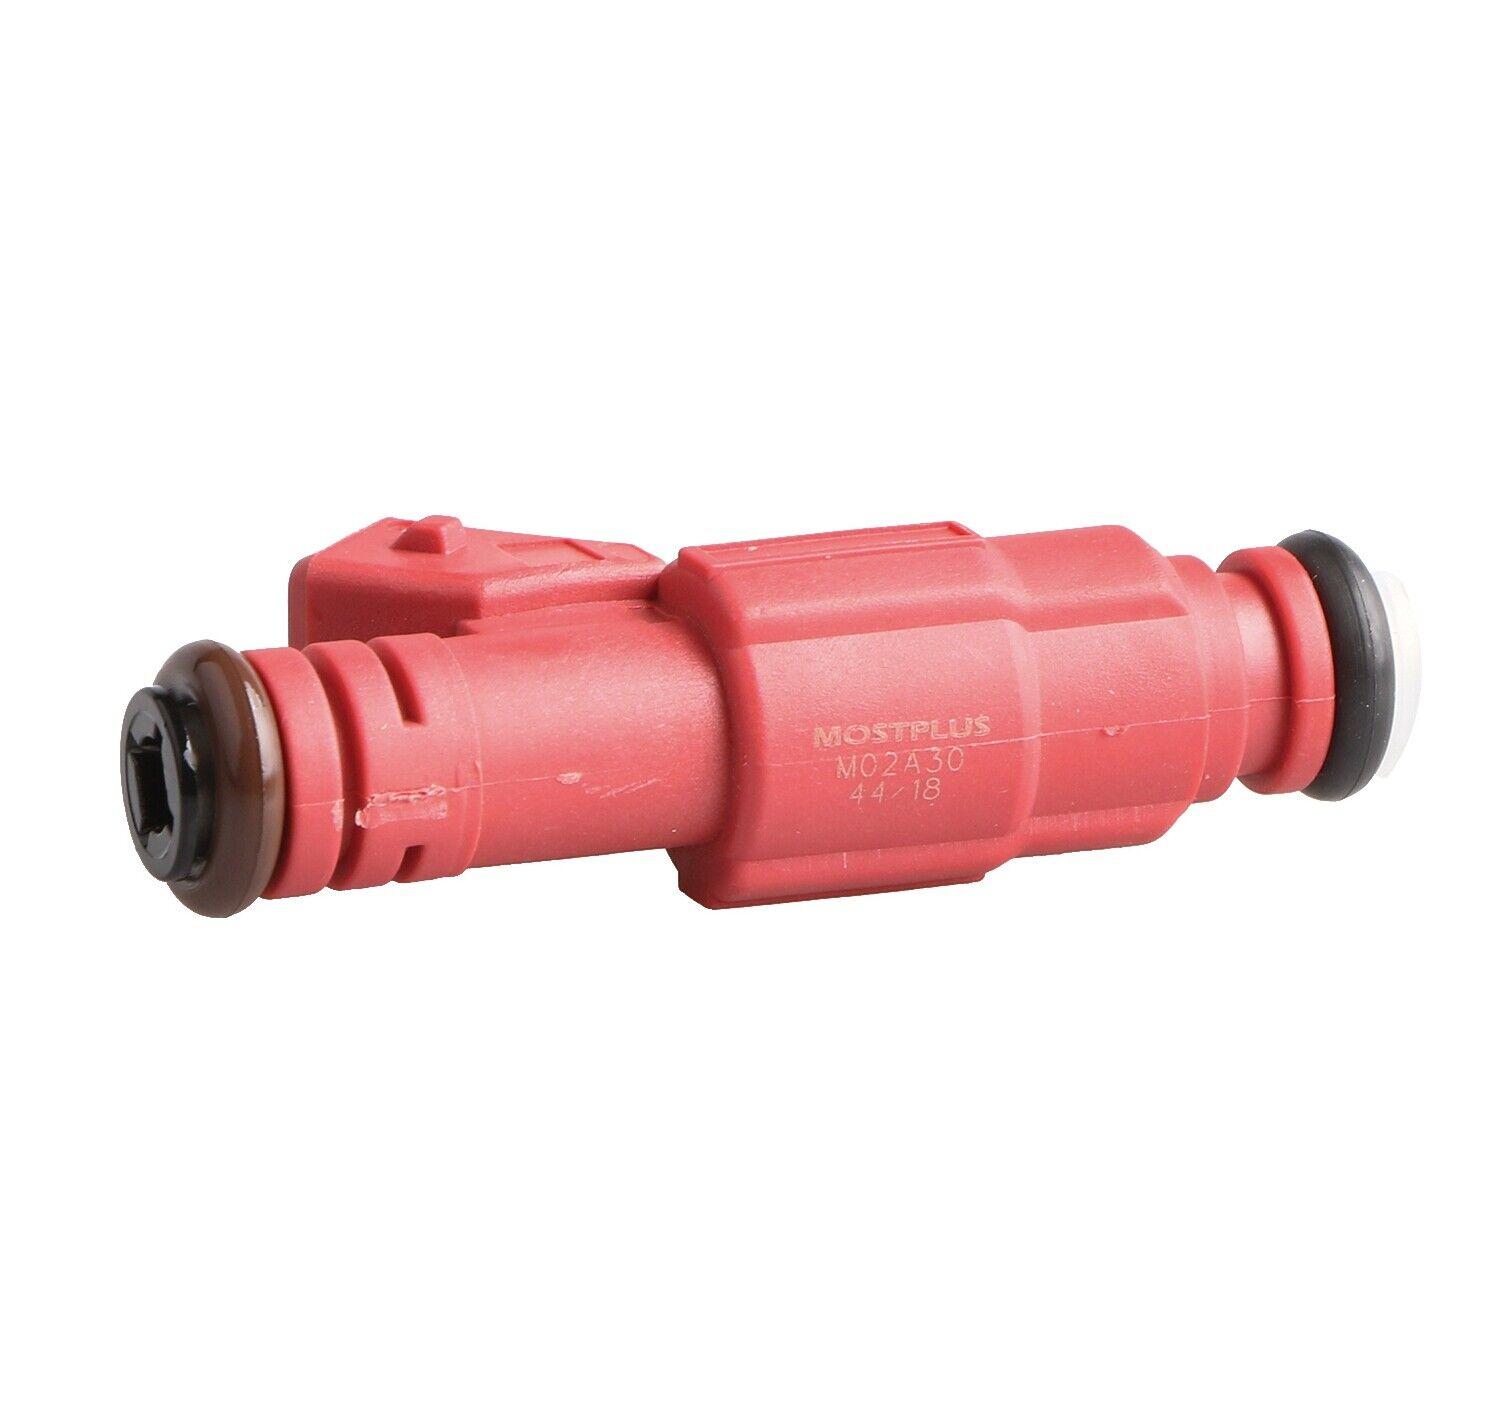 8pcs of 30lb Fuel Injectors replaces 0280150945 EV1 Style High Impedance 315cc